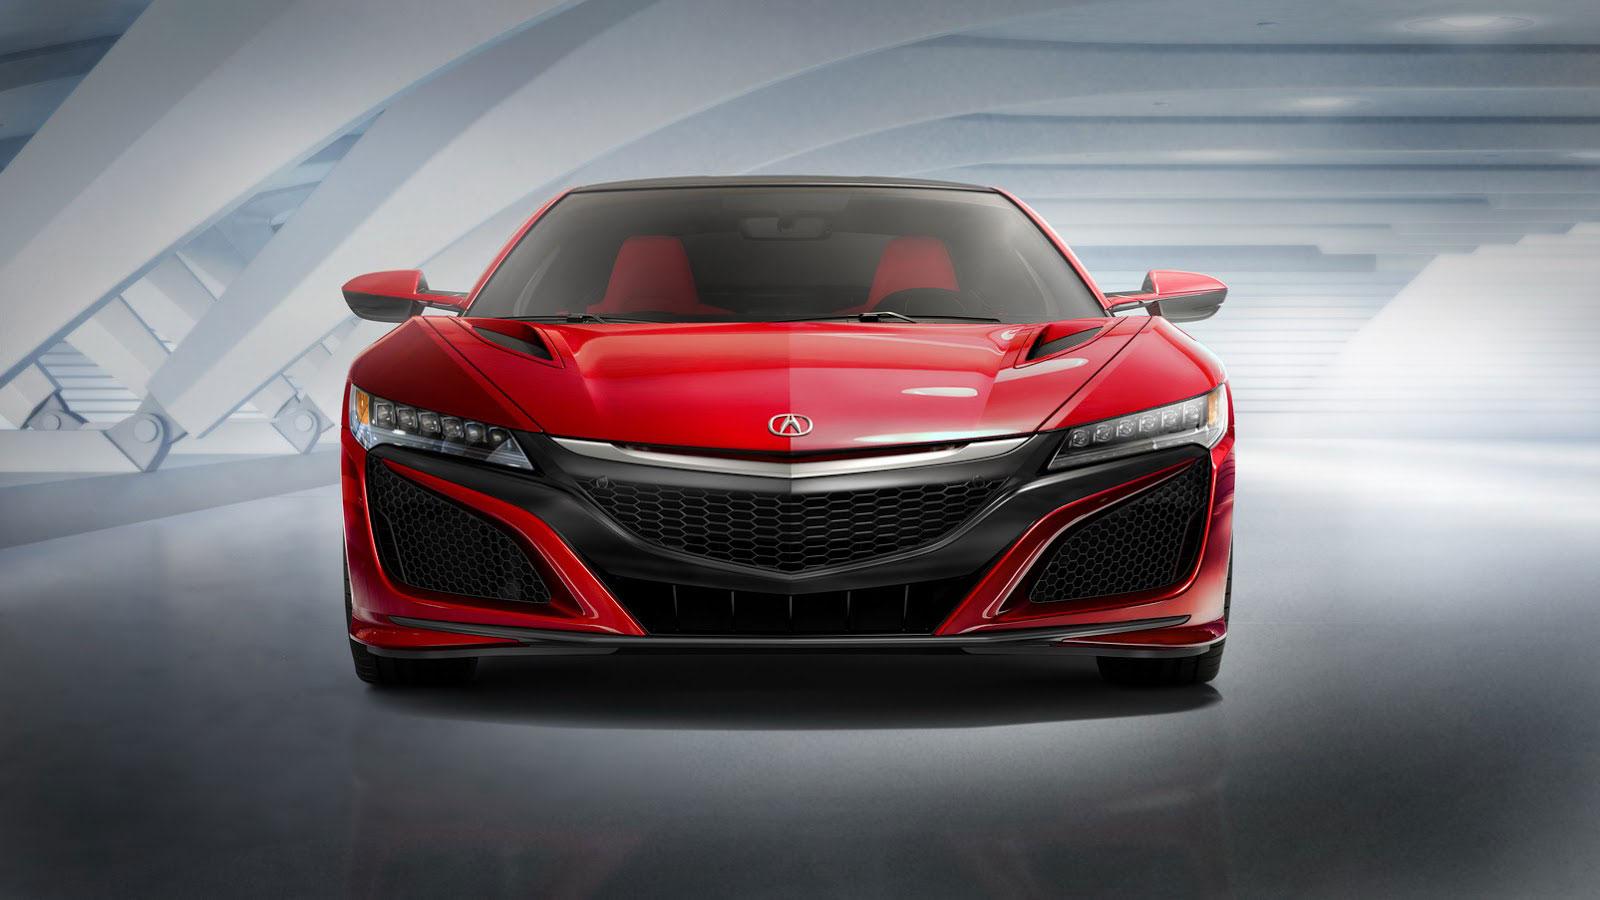 Acura NSX phiên bản sản xuất chính thức lộ diện